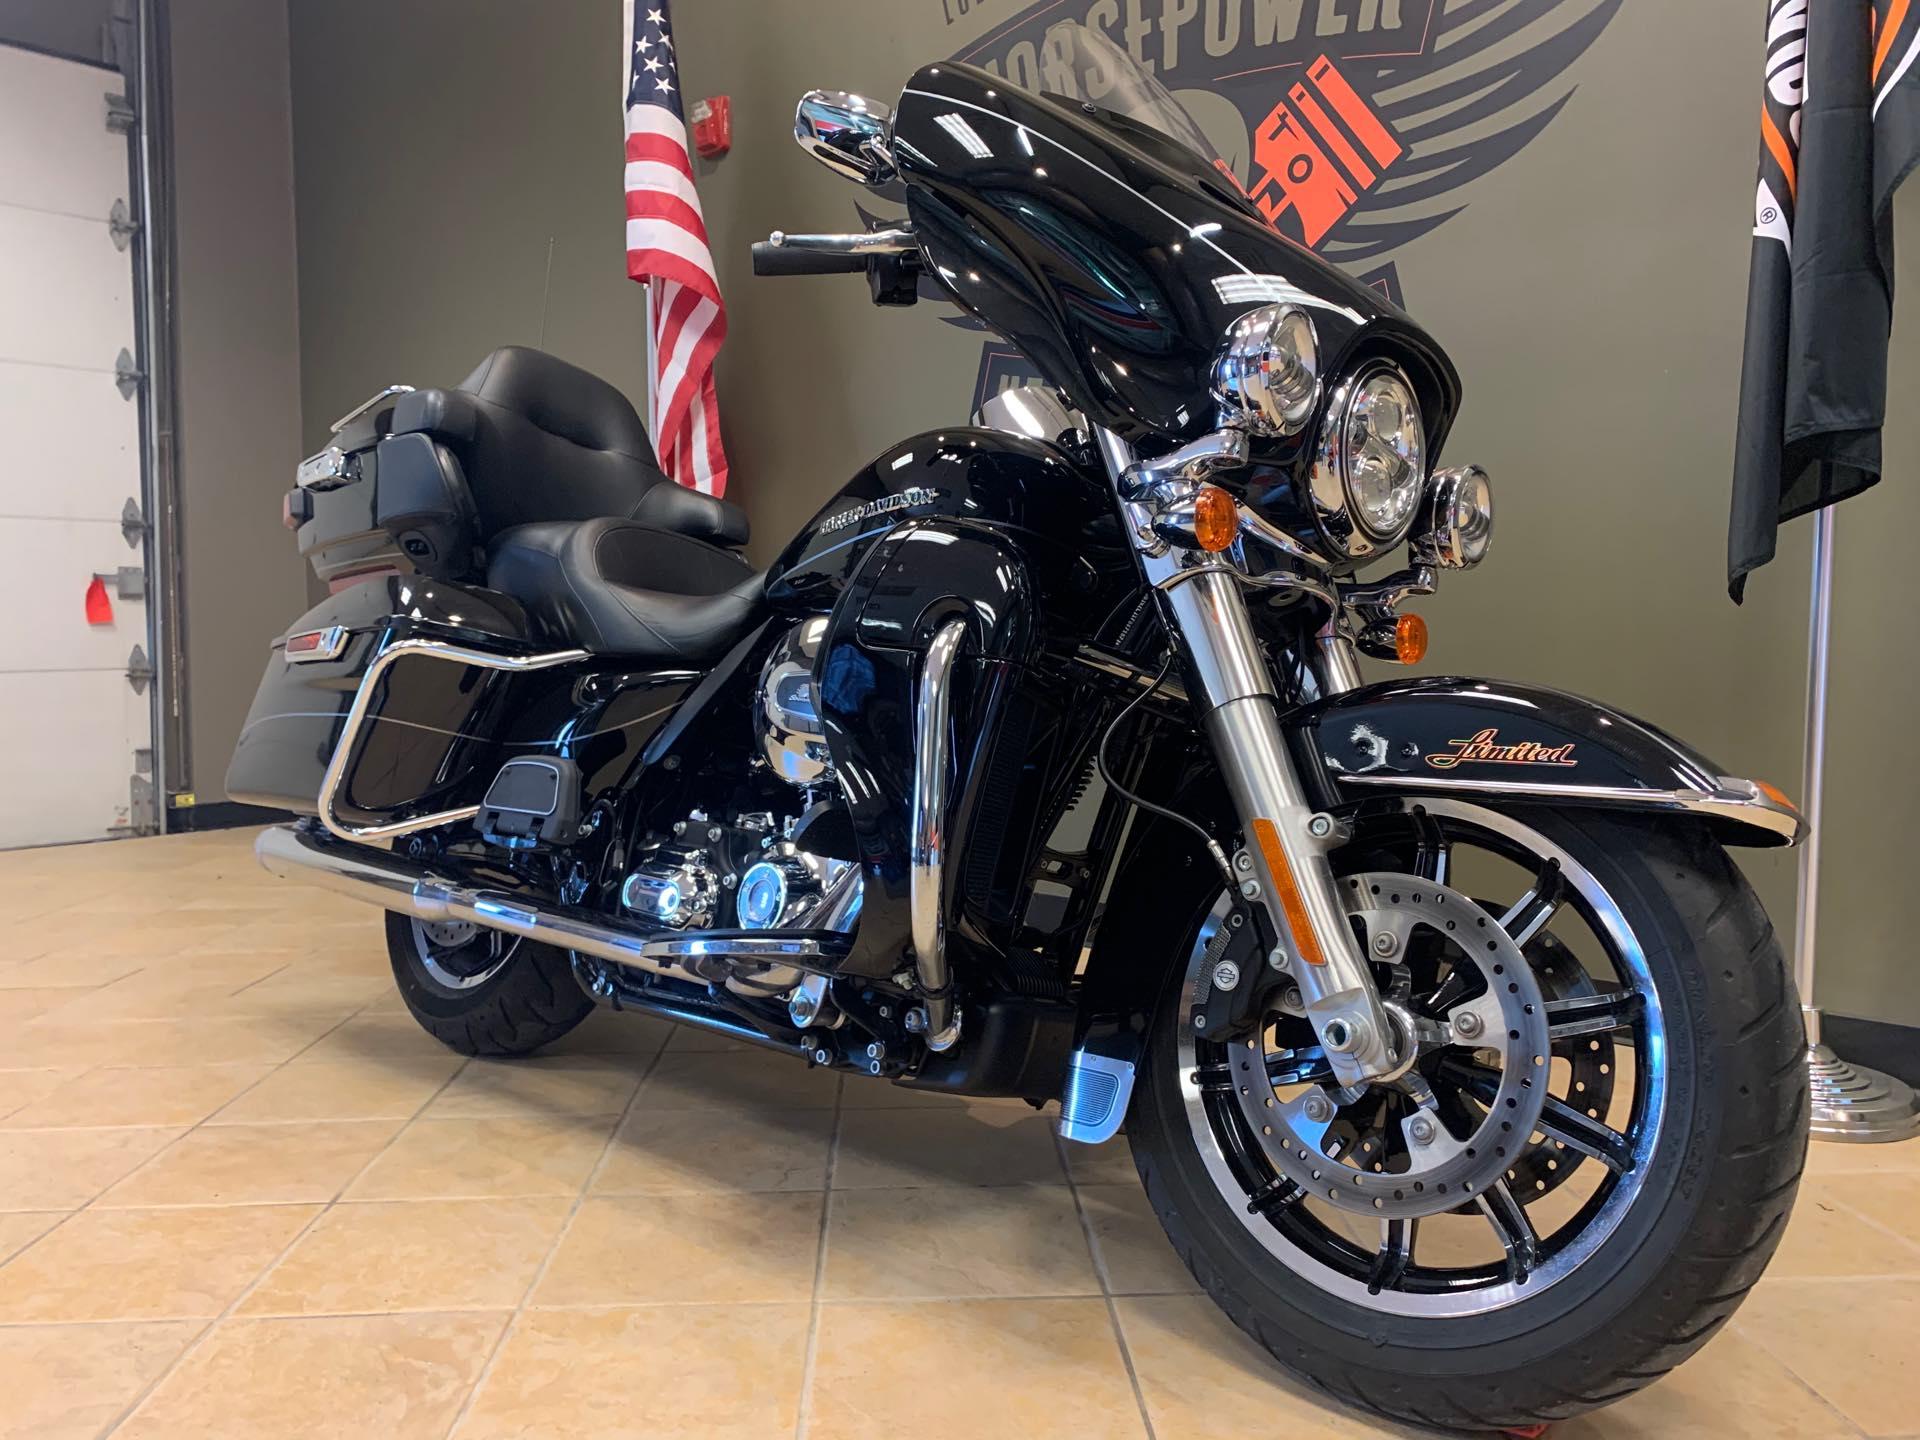 2015 Harley-Davidson Electra Glide Ultra Limited at Loess Hills Harley-Davidson